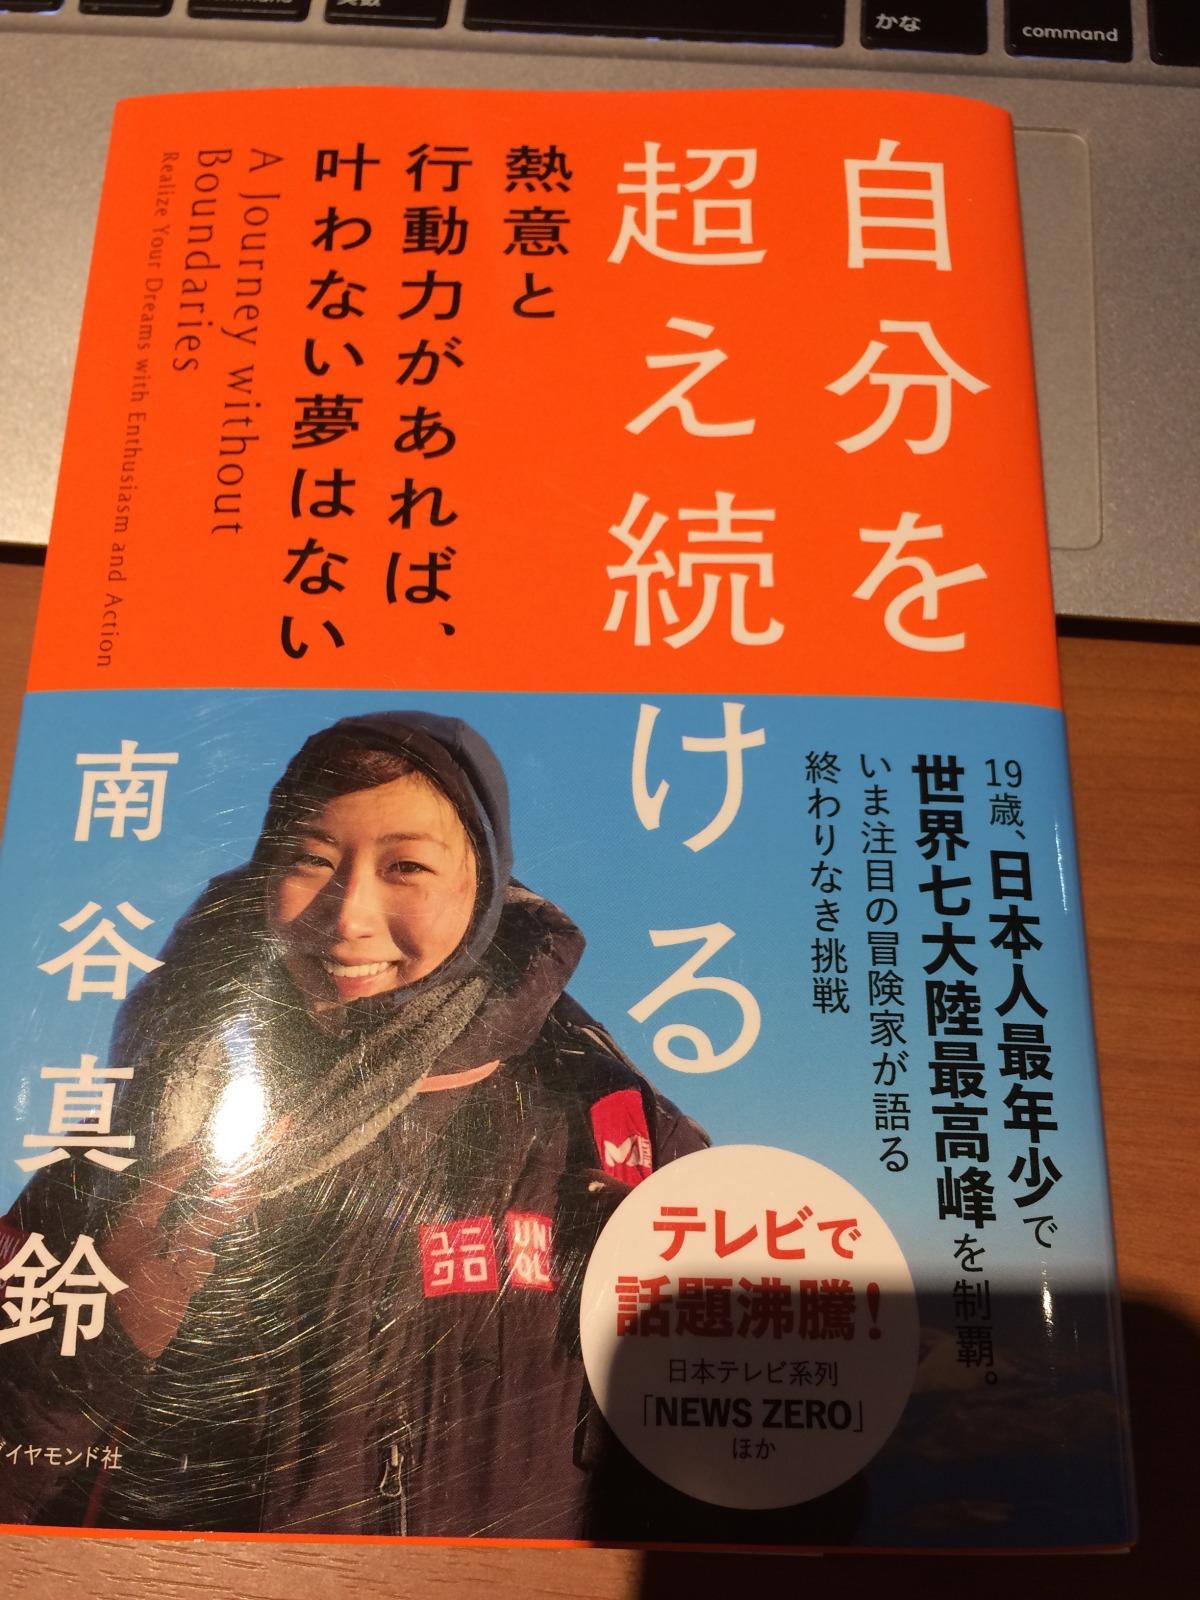 現役大学生で世界制覇をした南谷 真鈴さんー「この山に登ったら、本当の自分が誰なのかわかるし、本当の自分になれるかもしれない」